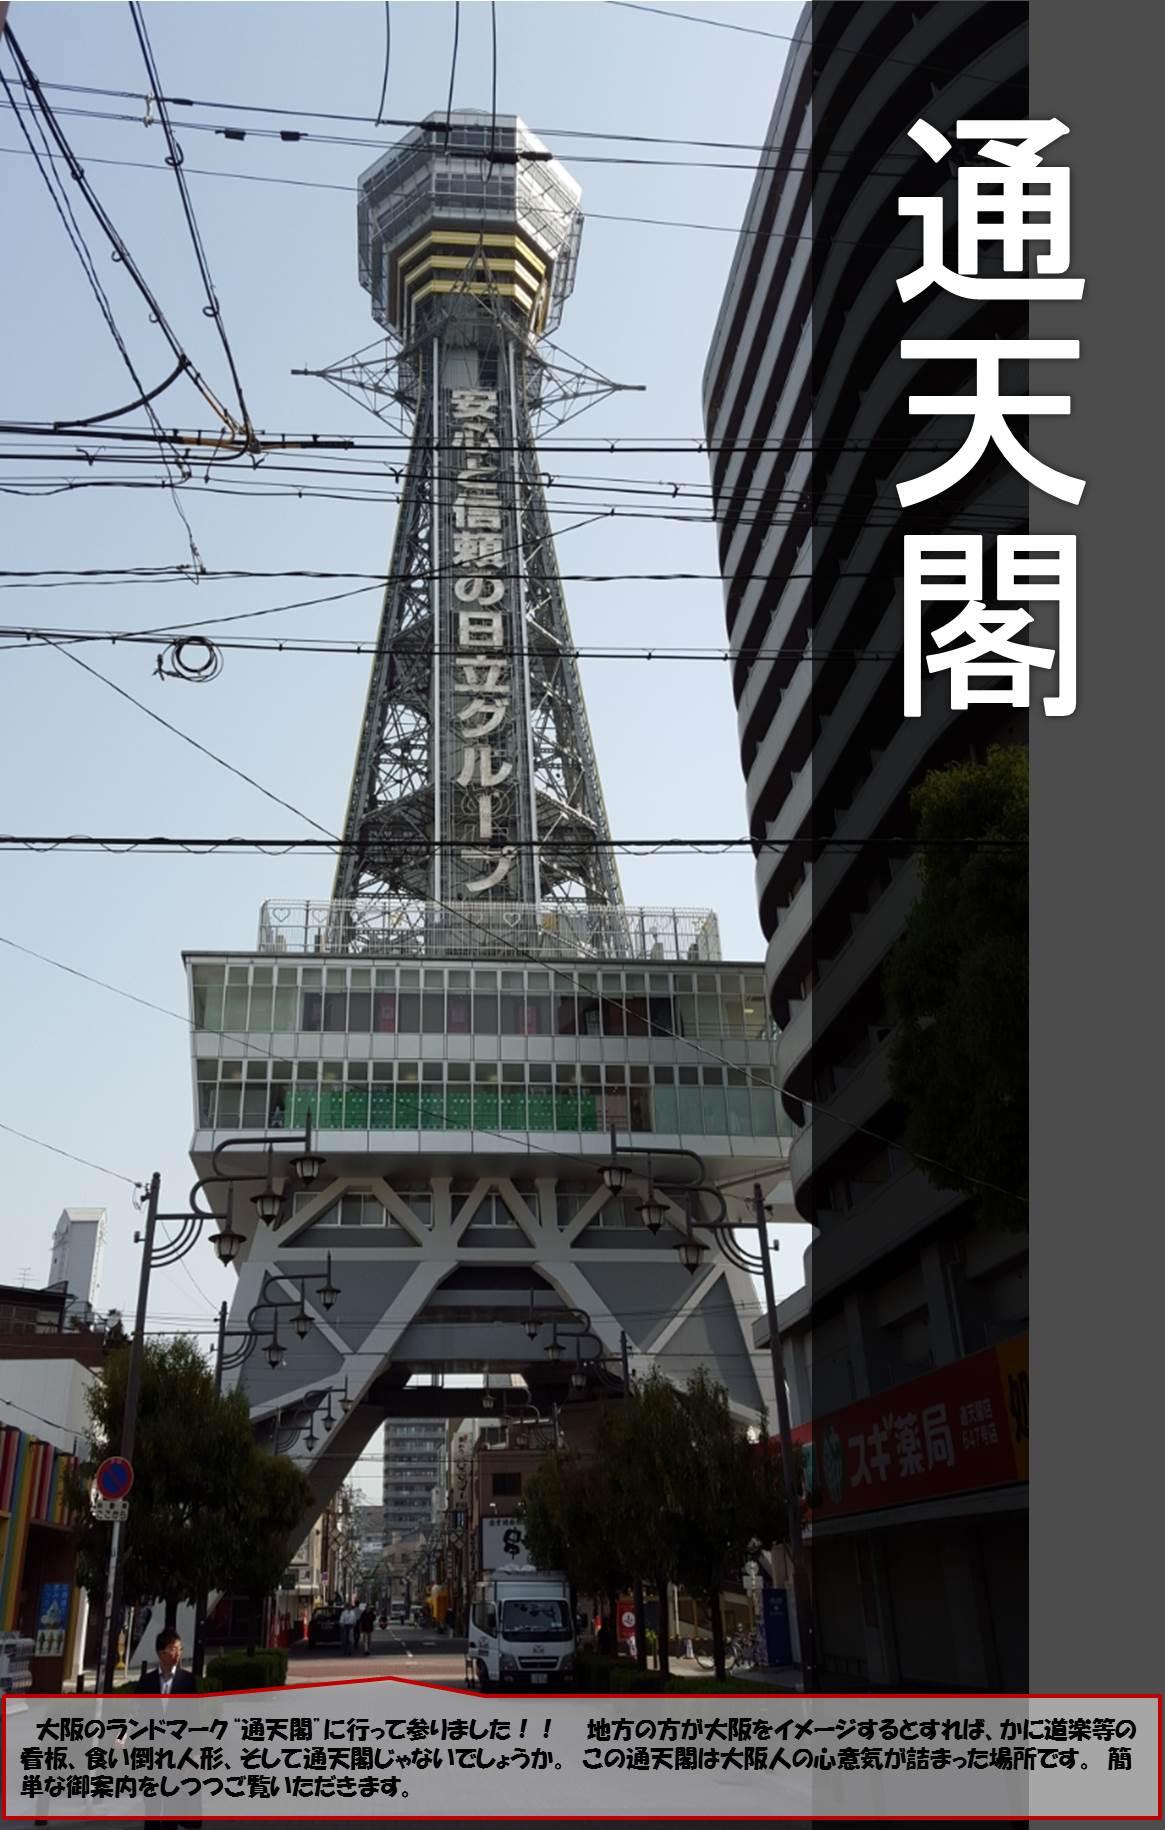 """通天閣 大阪のランドマーク""""通天閣""""に行って参りました!!  地方の方が大阪をイメージするとすれば、かに道楽等の看板、食い倒れ人形、そして通天閣じゃないでしょうか。 この通天閣は大阪人の心意気が詰まった場所です。 簡単な御案内をしつつご覧いただきます。"""